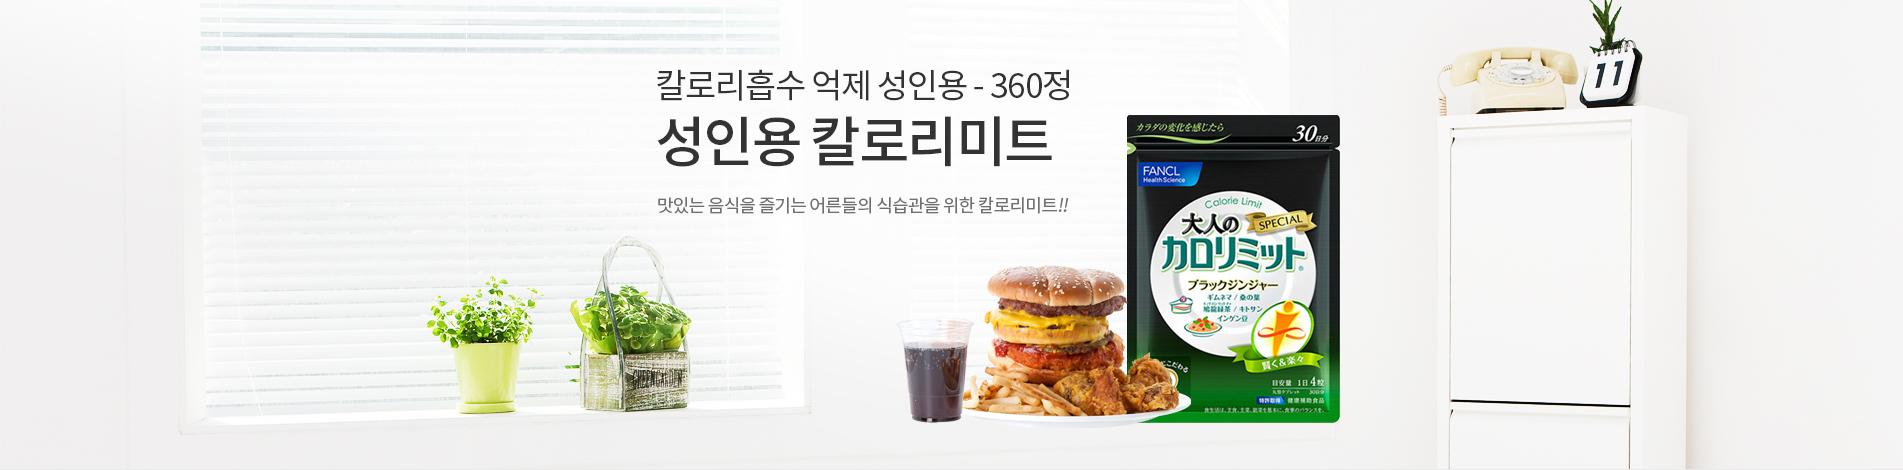 칼로리흡수 억제 성인용 - 360정 성인용 칼로리미트